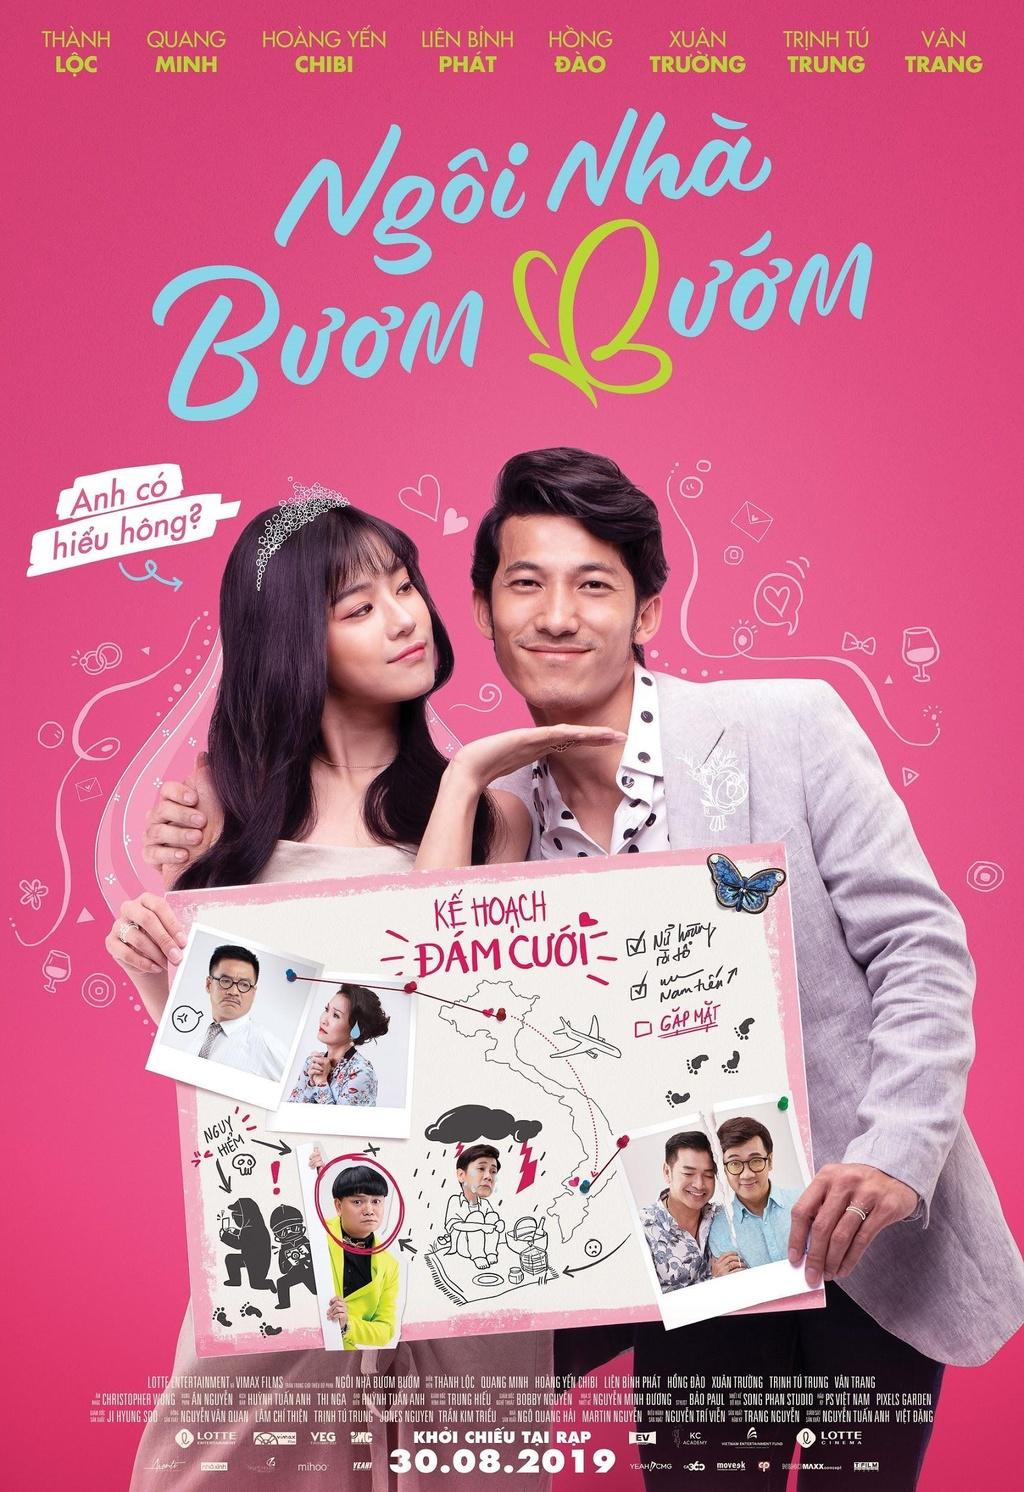 Hoang Yen Chibi tuyen bo co bau trong trailer 'Ngoi nha buom buom' hinh anh 5